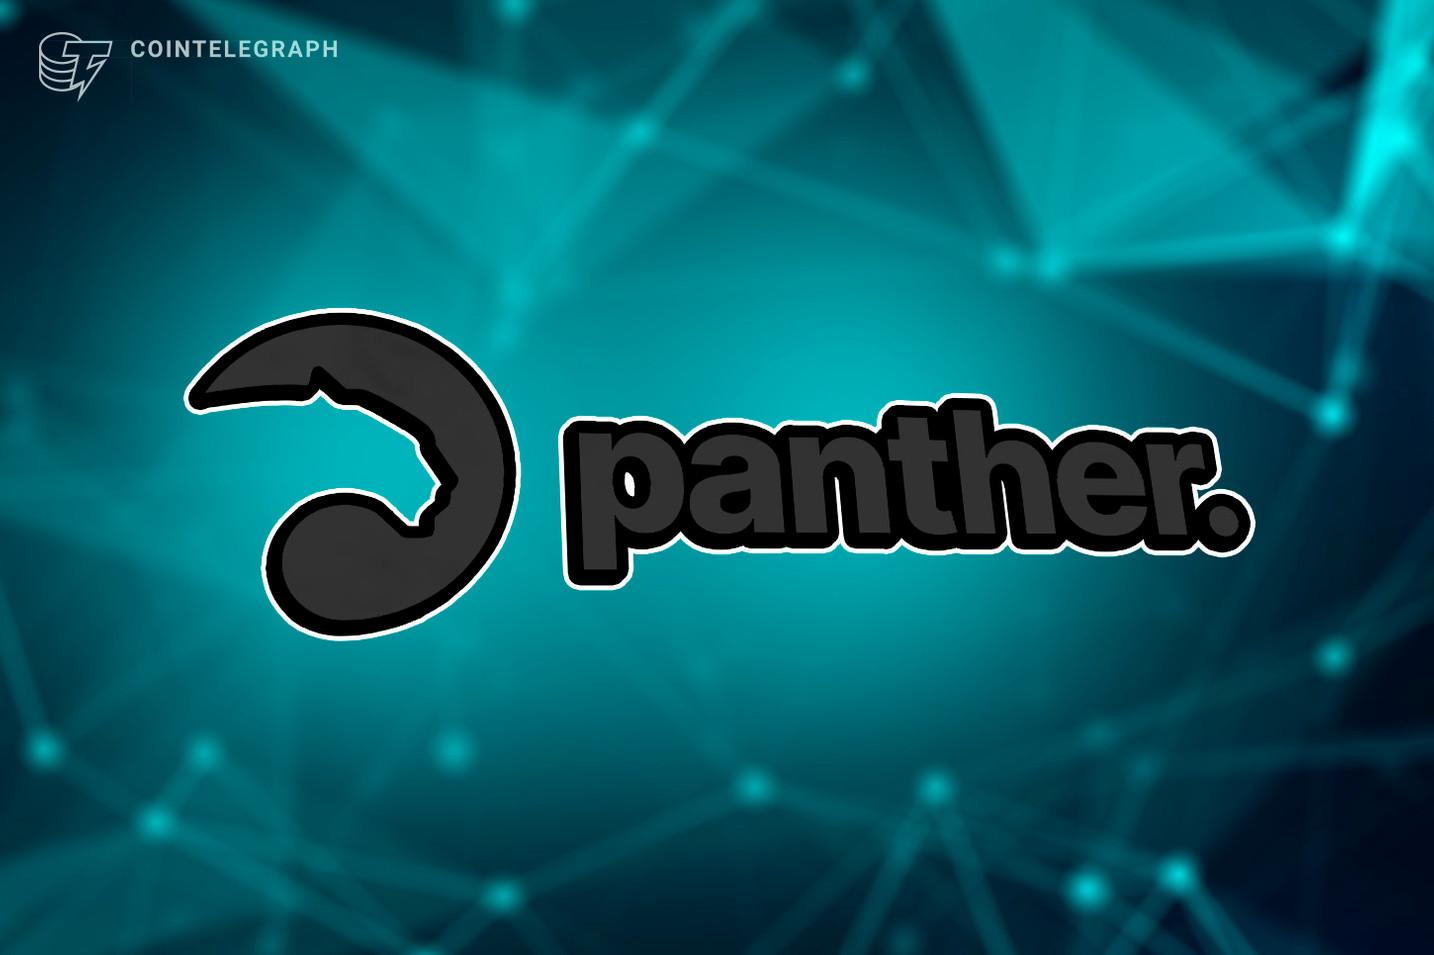 Panther e Elrond collaborano per portare la privacy nella DeFi e negli scambi interchain